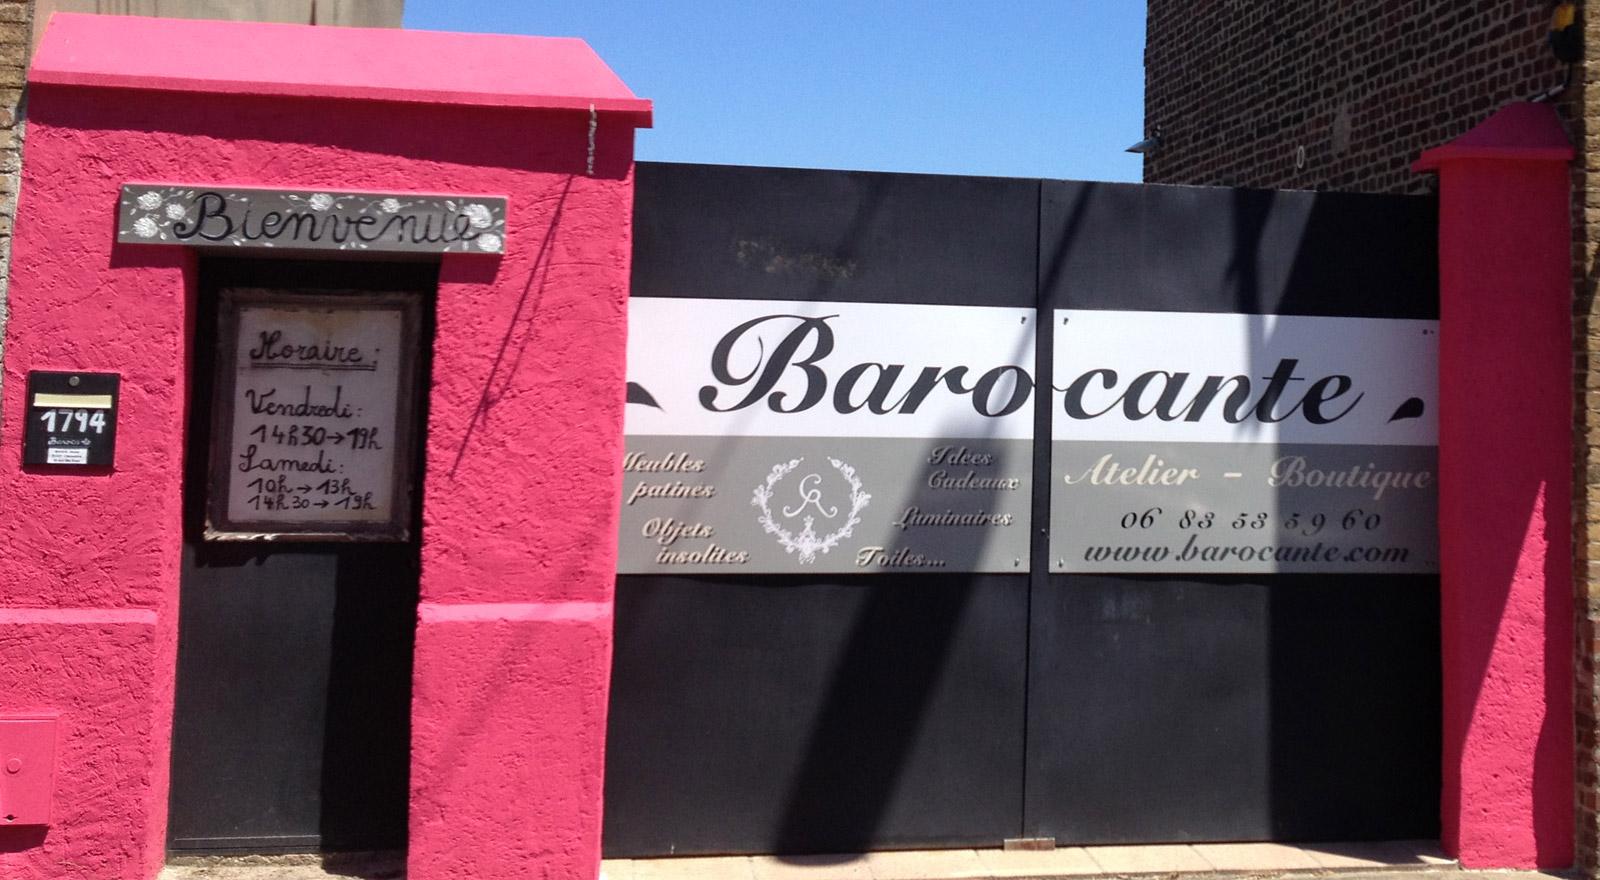 L'entrée extérieure Barocante